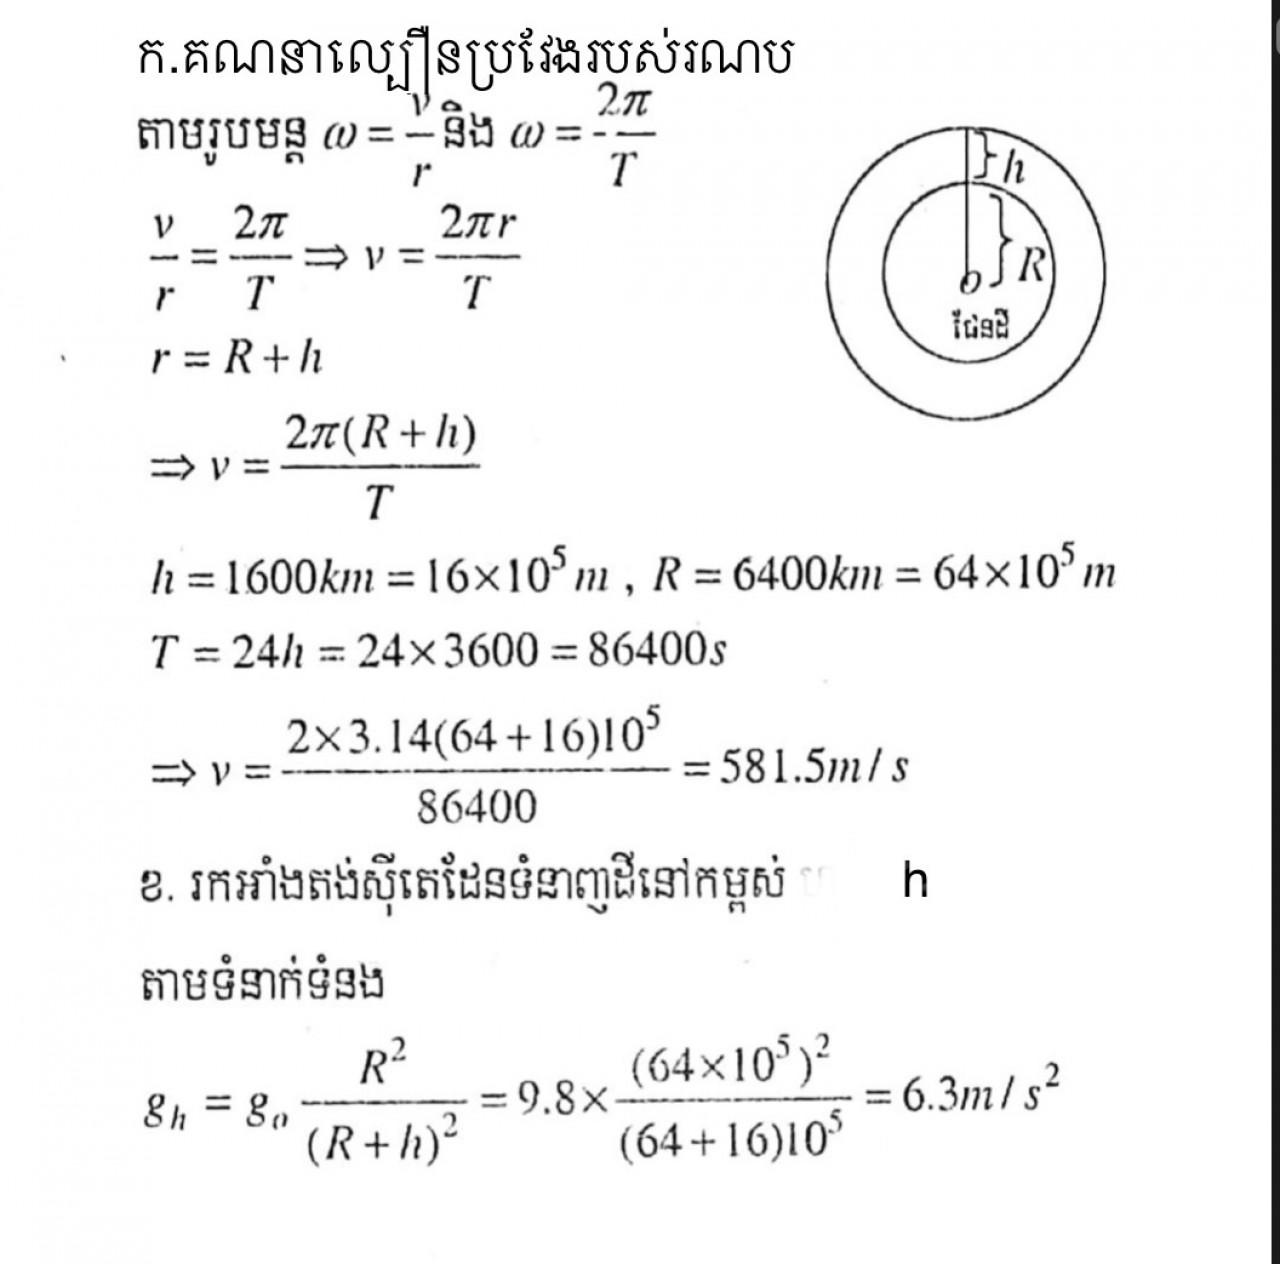 2FFC0B3A-C38E-4021-8A63-FADB4A21E20A